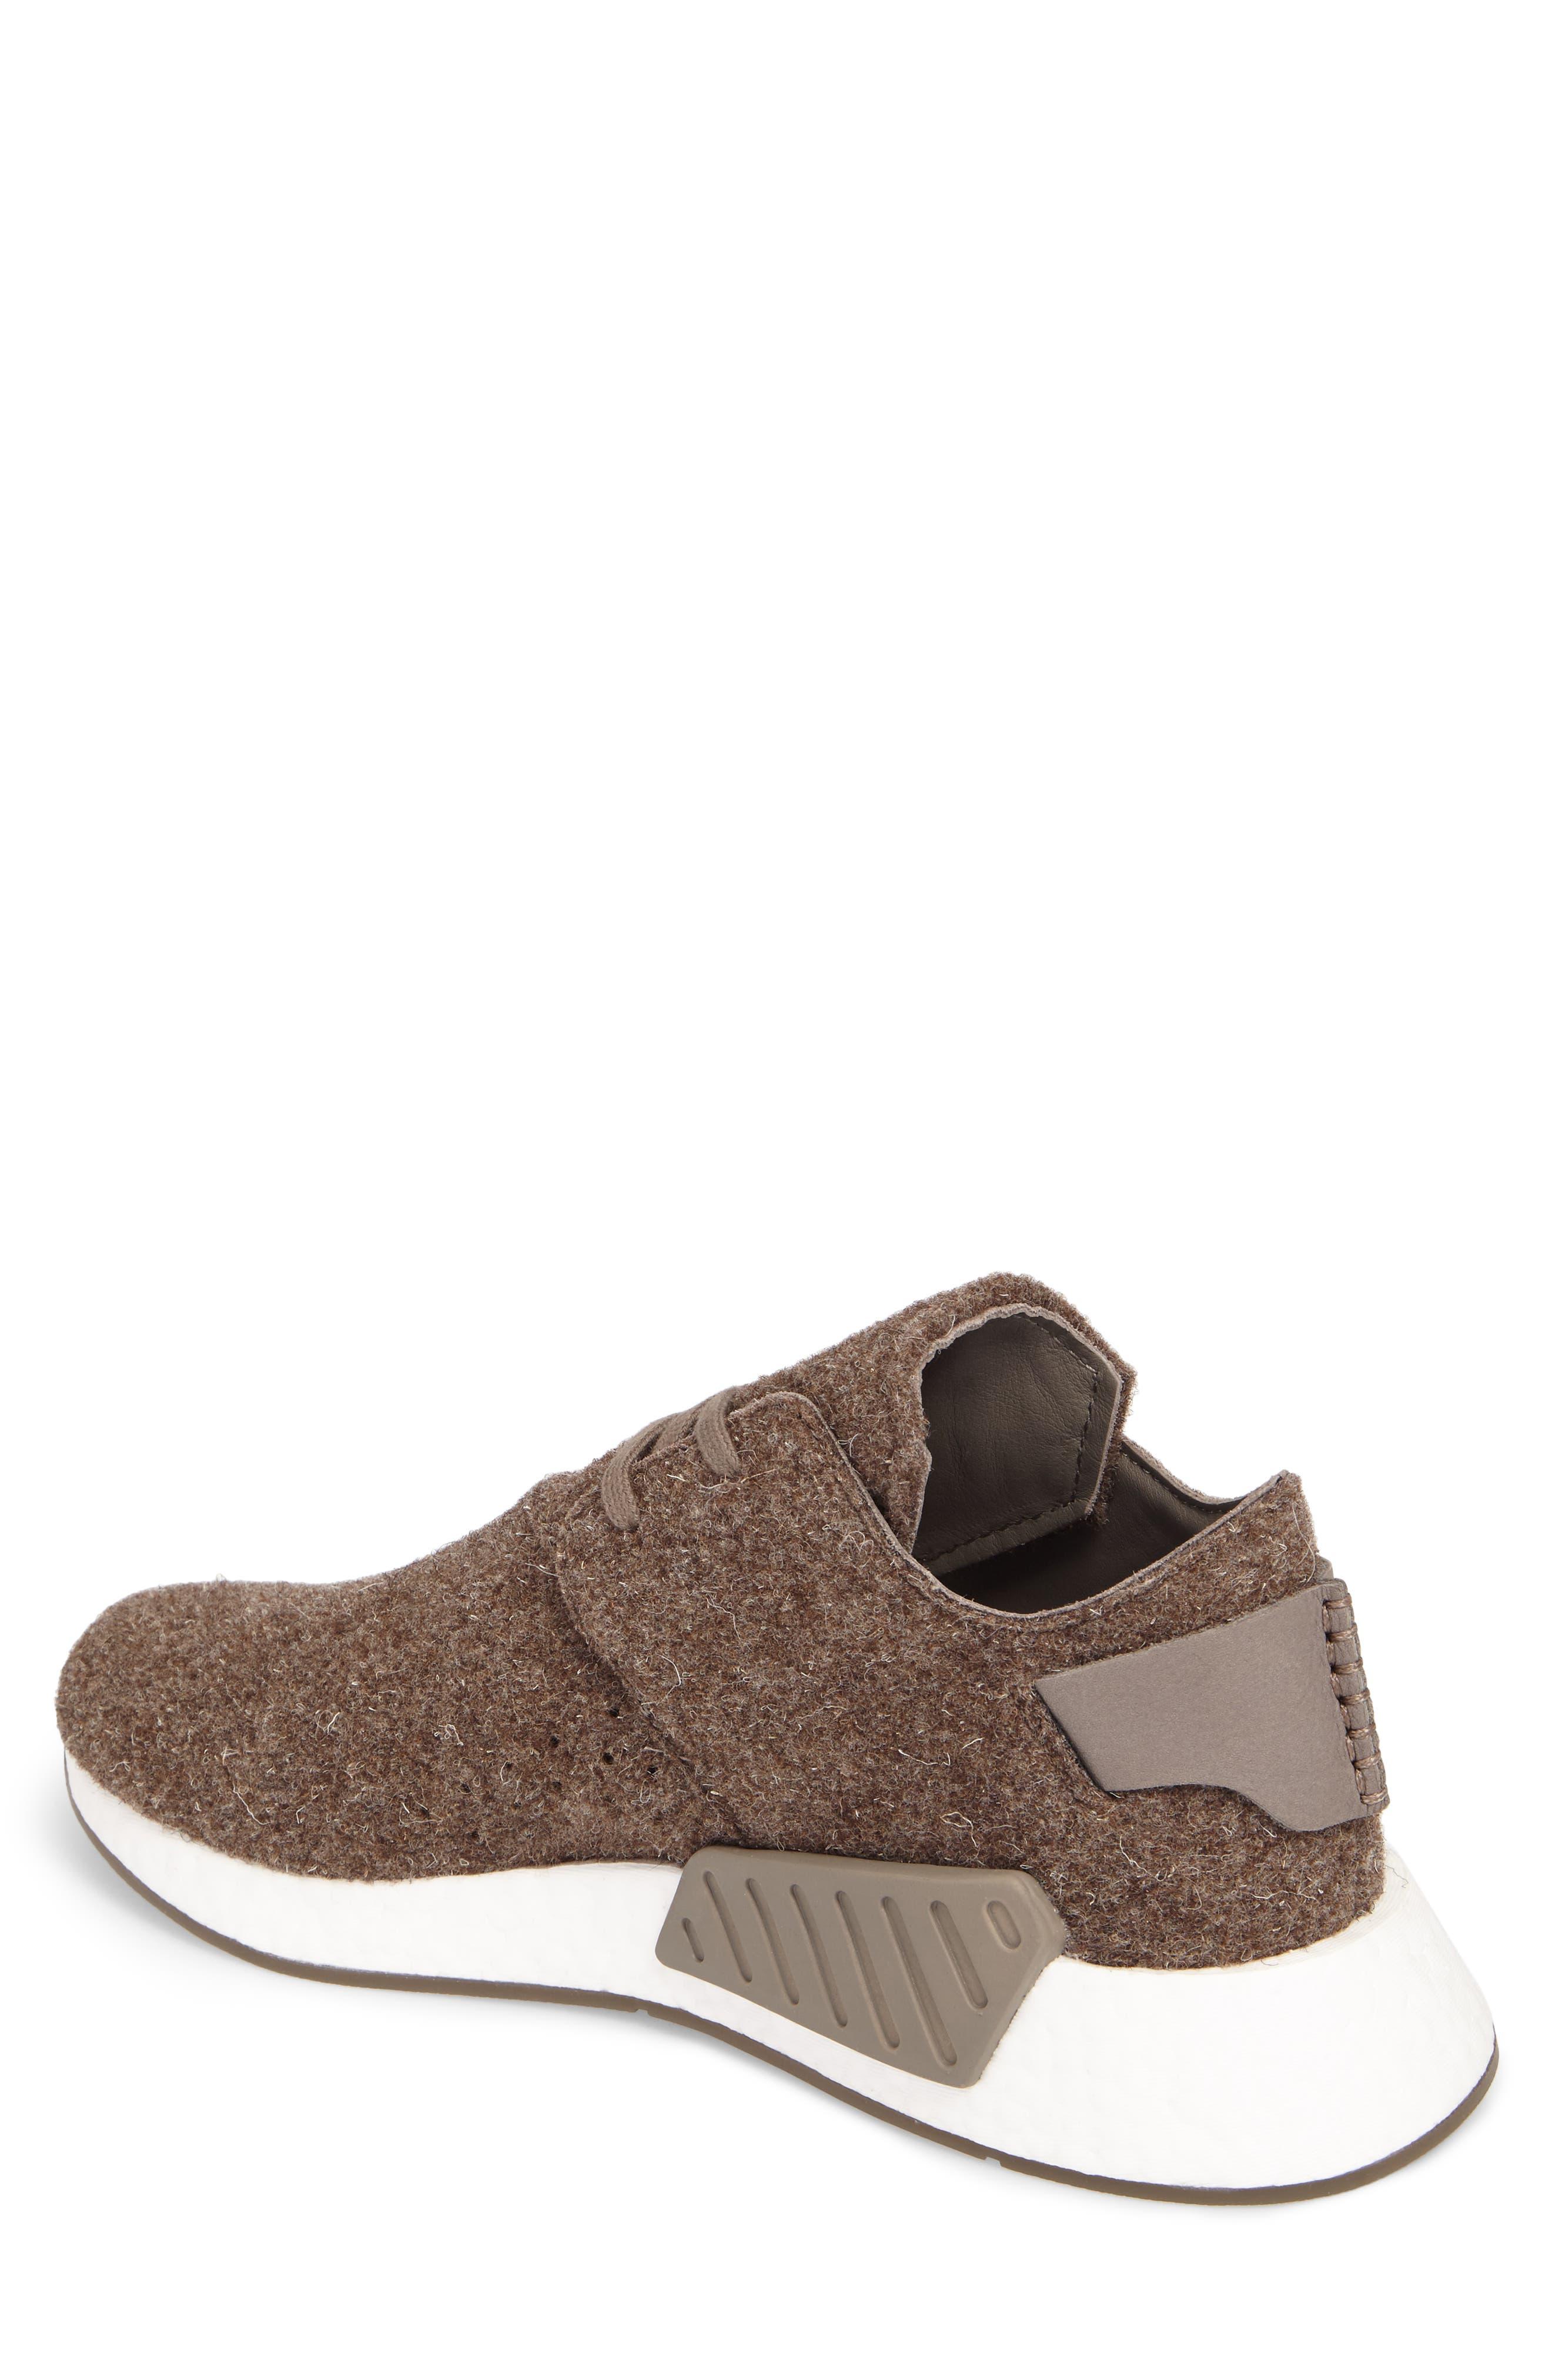 NMD C2 Sneaker (Men0,                             Alternate thumbnail 2, color,                             Simple Brown/ Gum